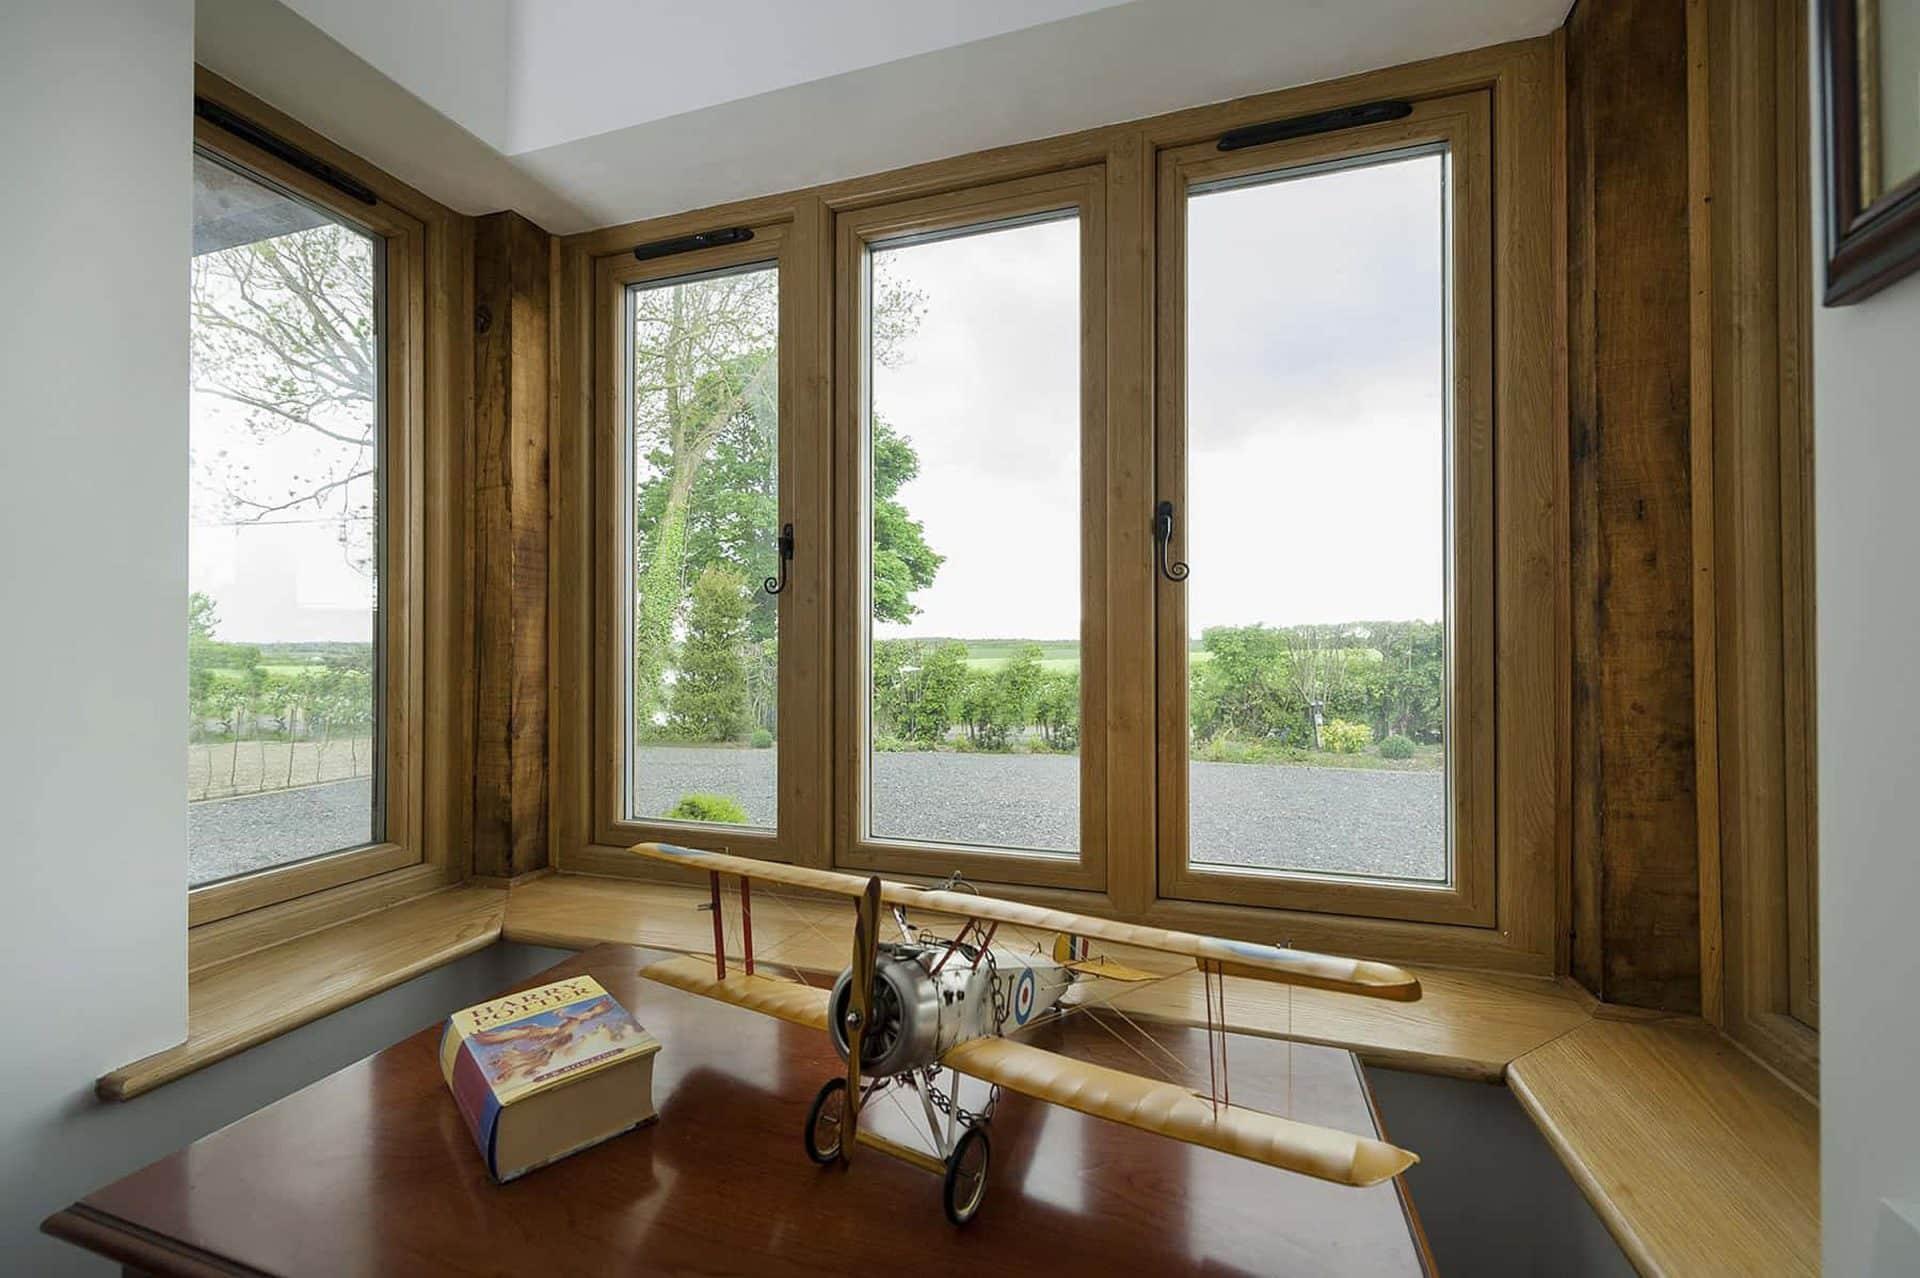 Residence 9 Windows Installer in Basingstoke